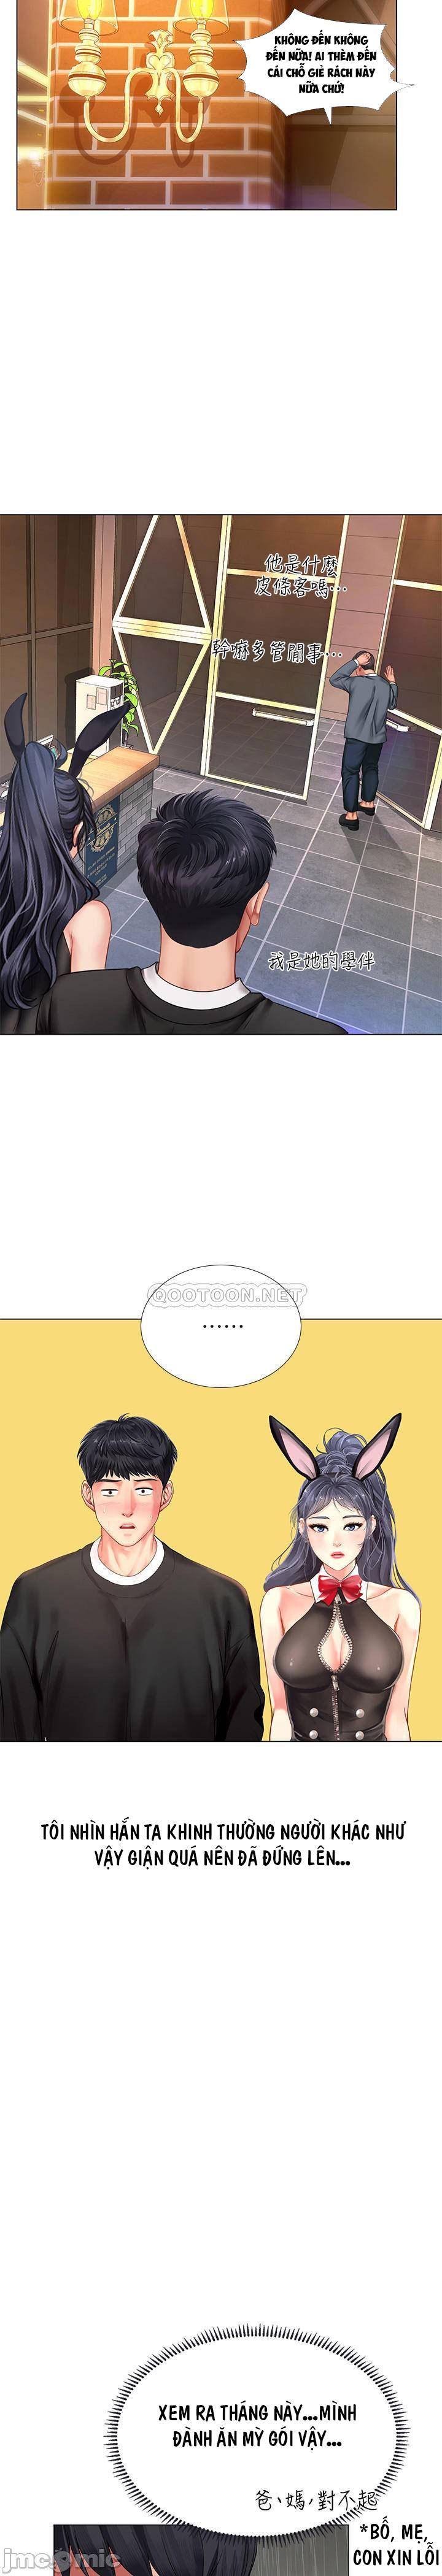 Đọc truyện Liệu Tôi Có Nên Học Ở Noryangjin? - Chương 63